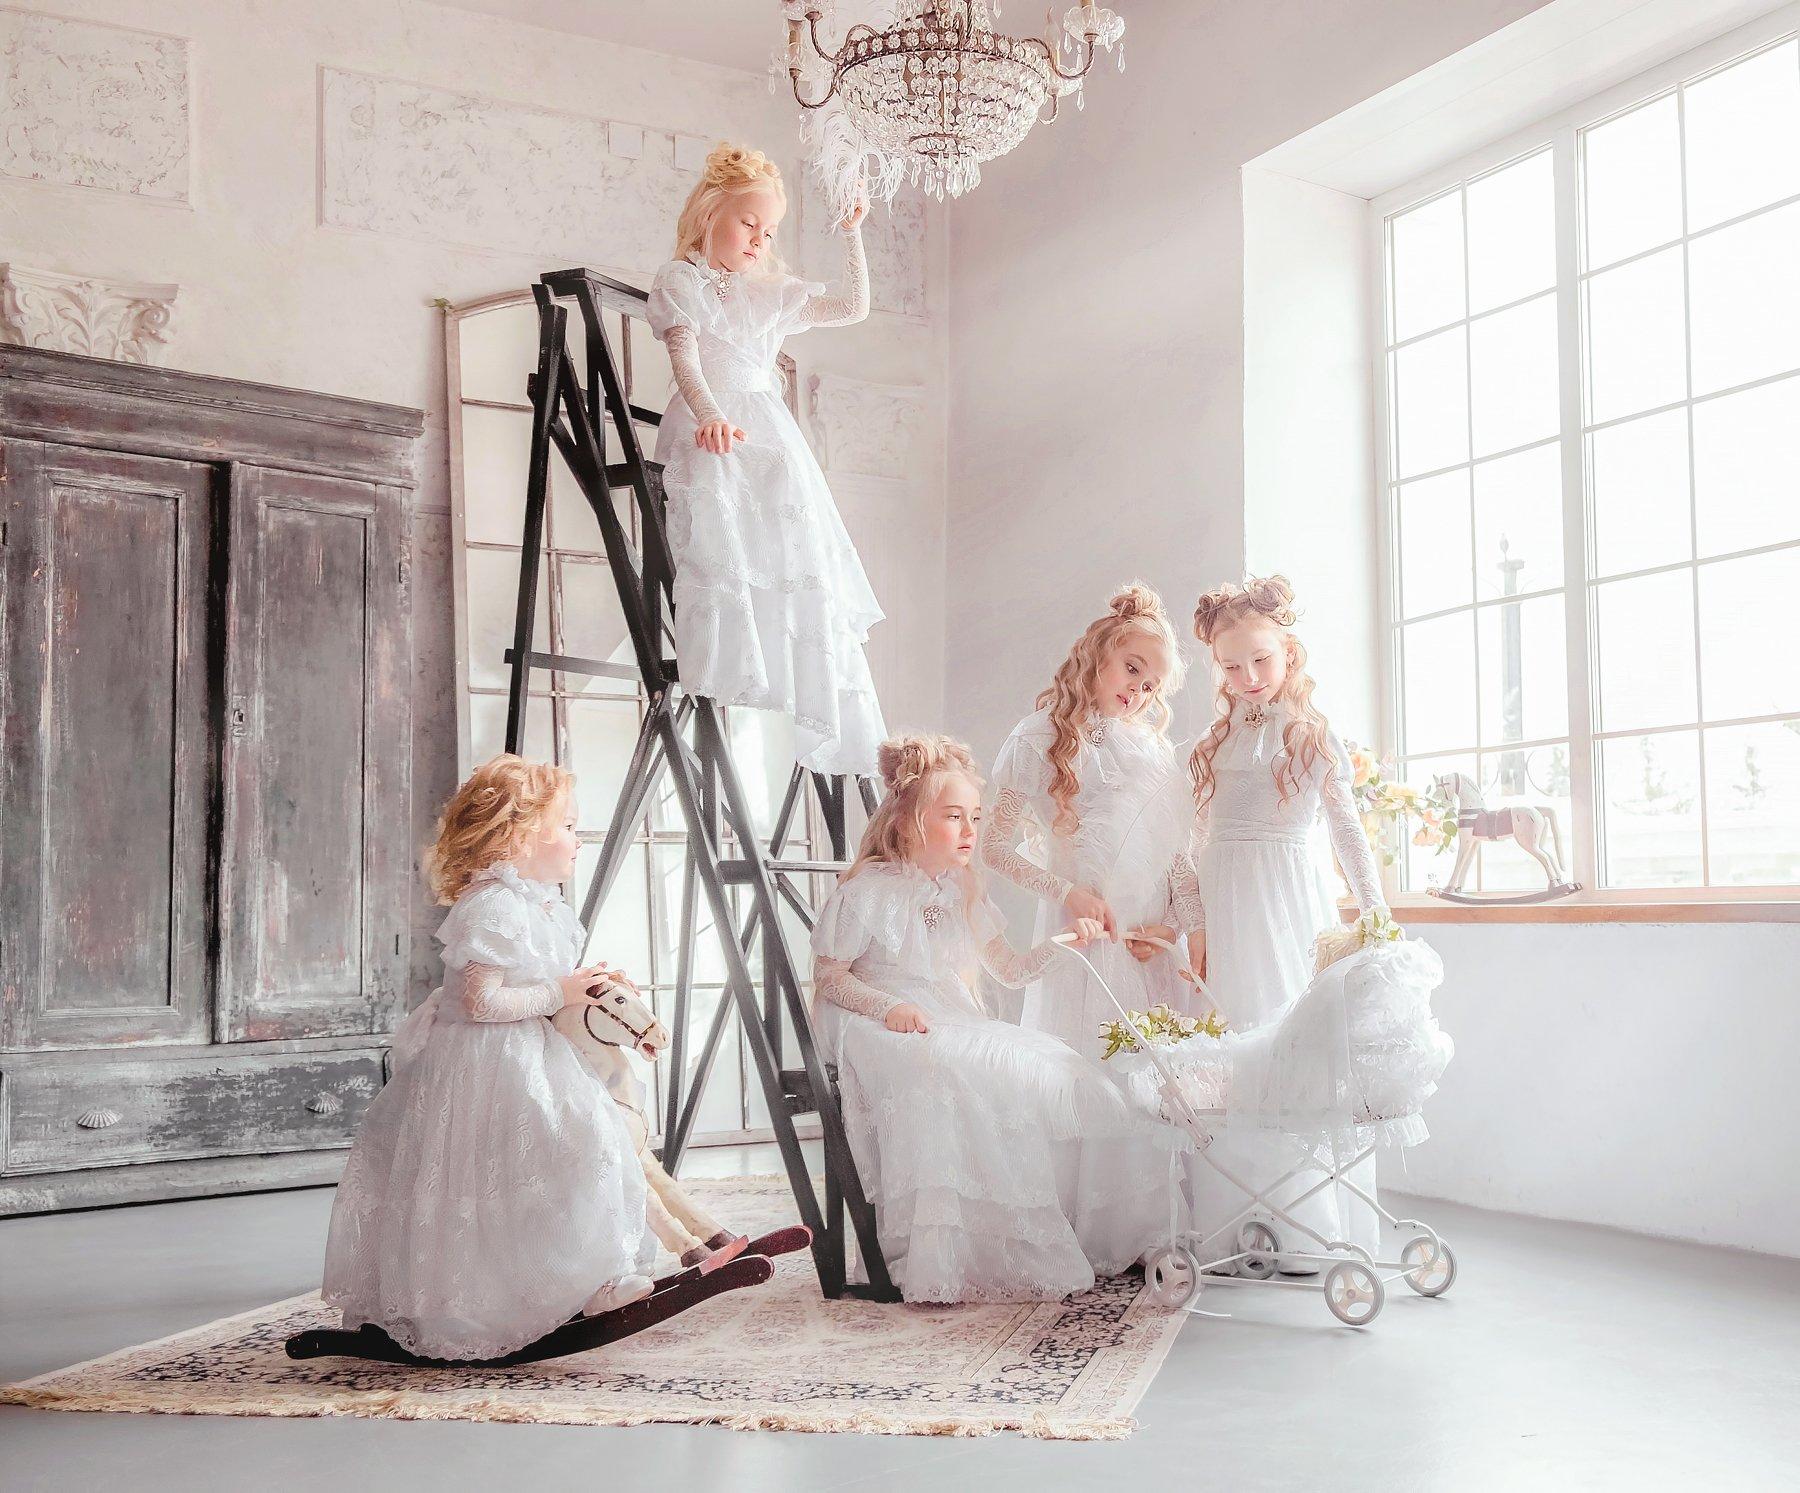 Сёстра, дети, ребёнок, аристократ, история, историческая фотосессия, исторический костюм, костюм, платье, игрушка, портрет, детская фотосессия, идеи для фотосессии, Софья Ознобихина